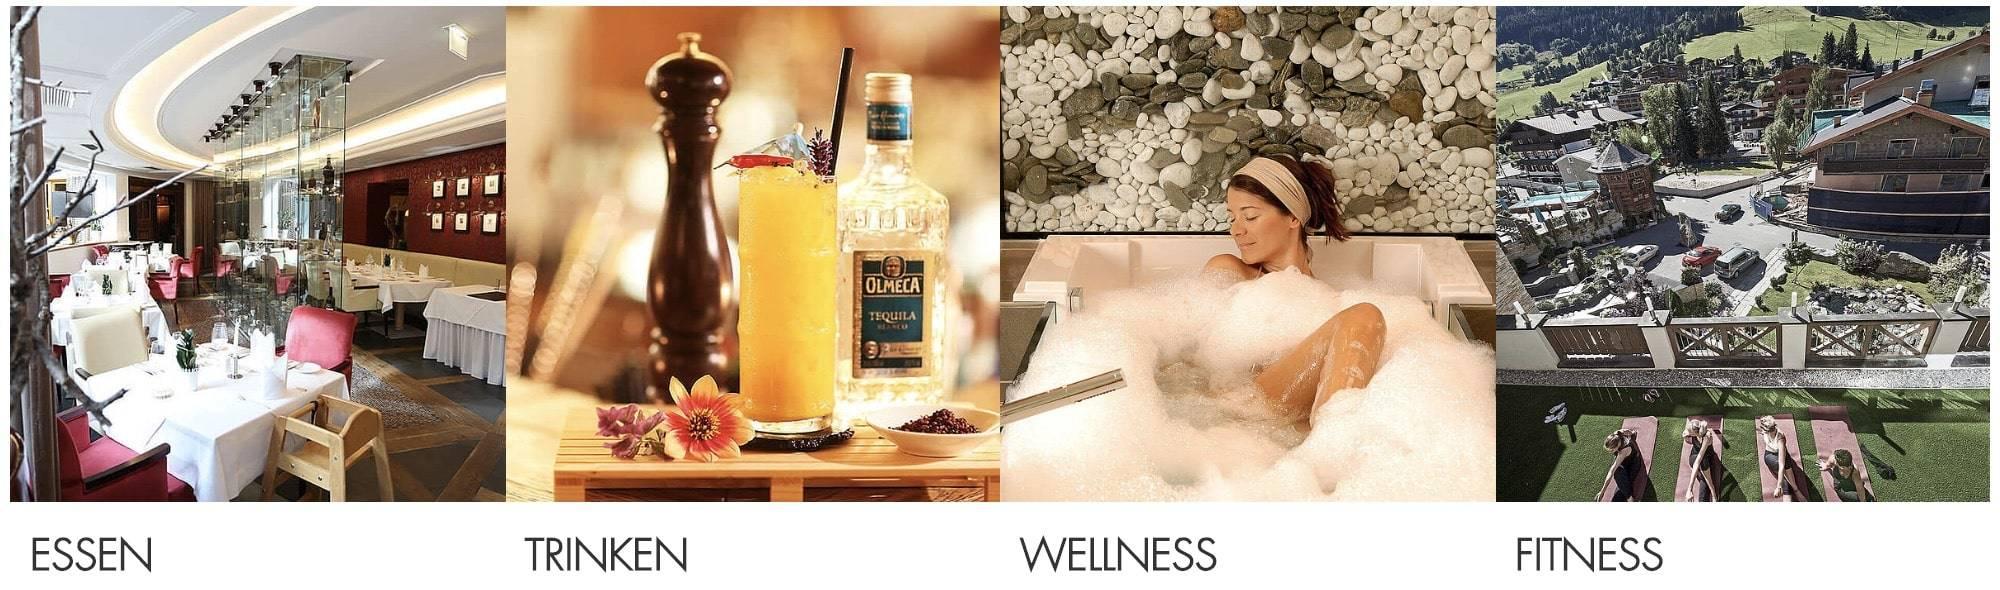 Hotel Wolf Partnerprogramm Wellness Fitness Essen Trinken